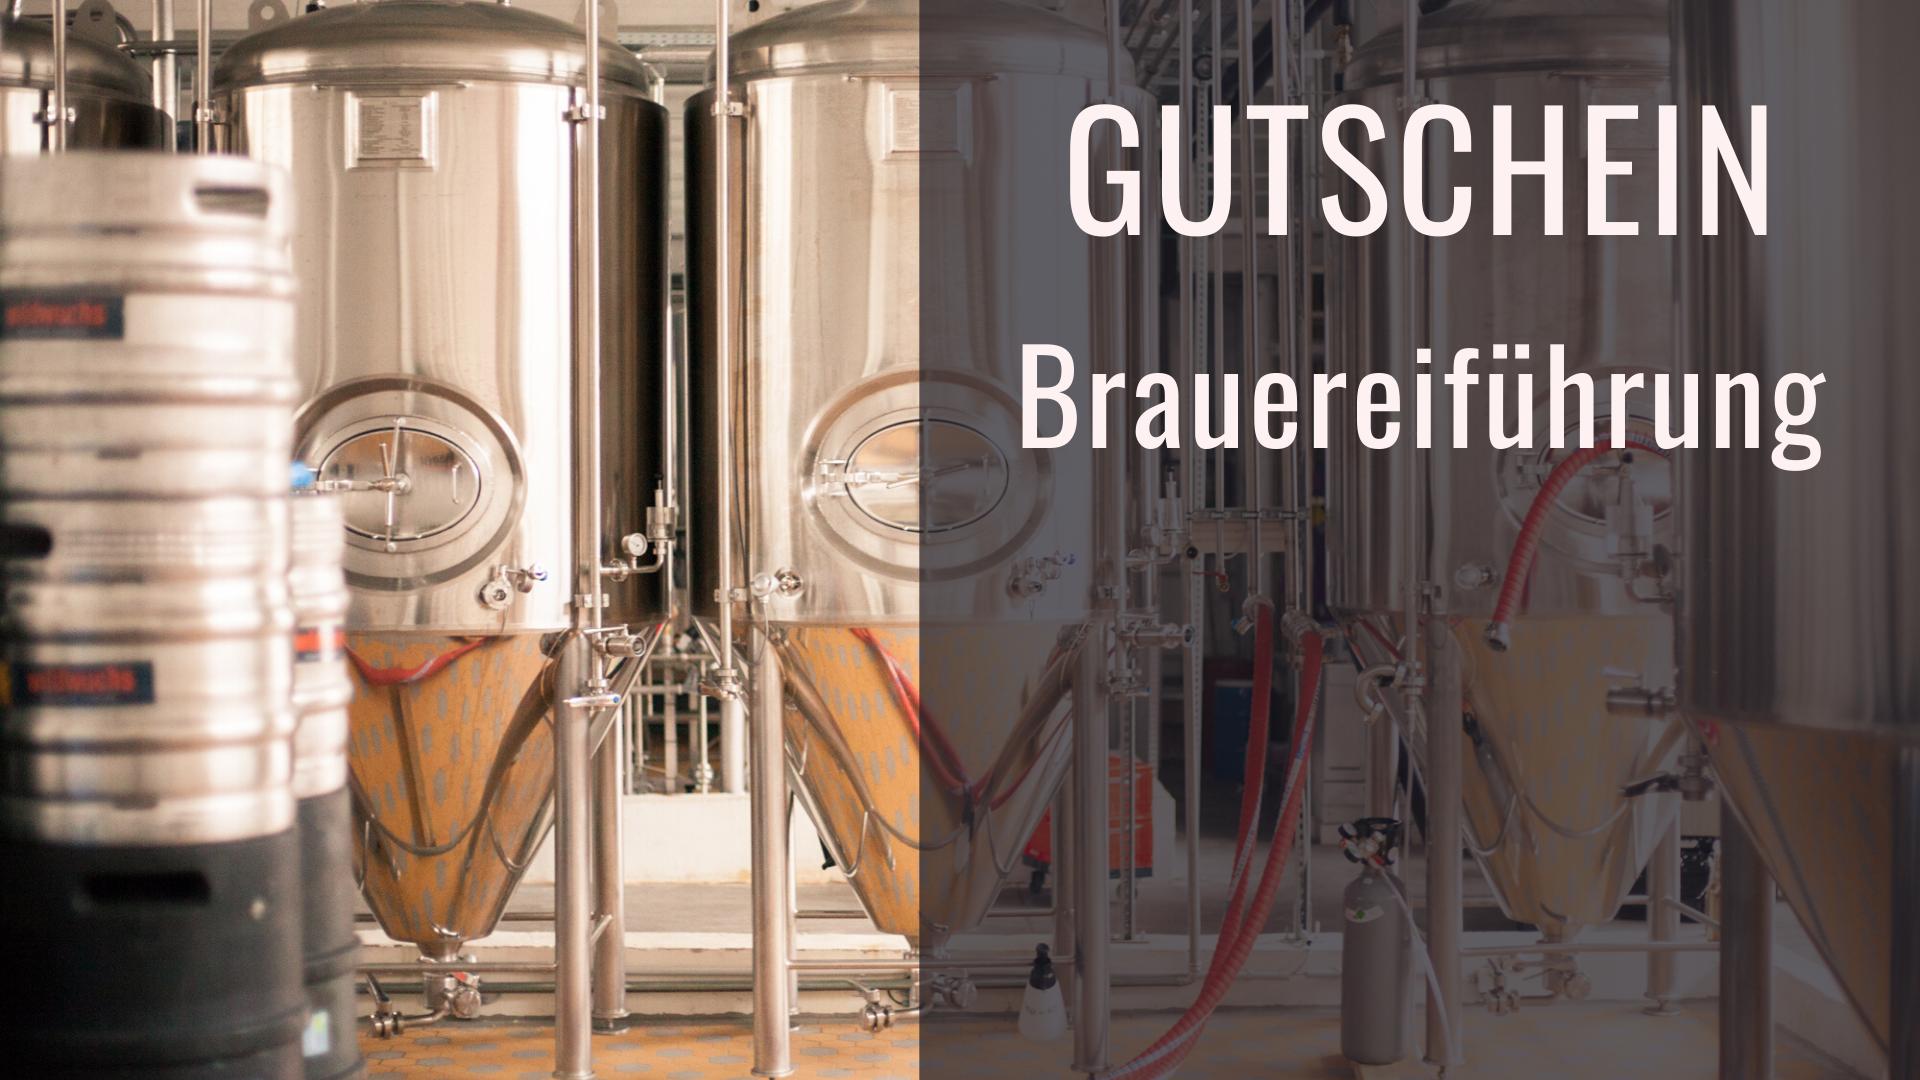 Gutschein Brauereiführung